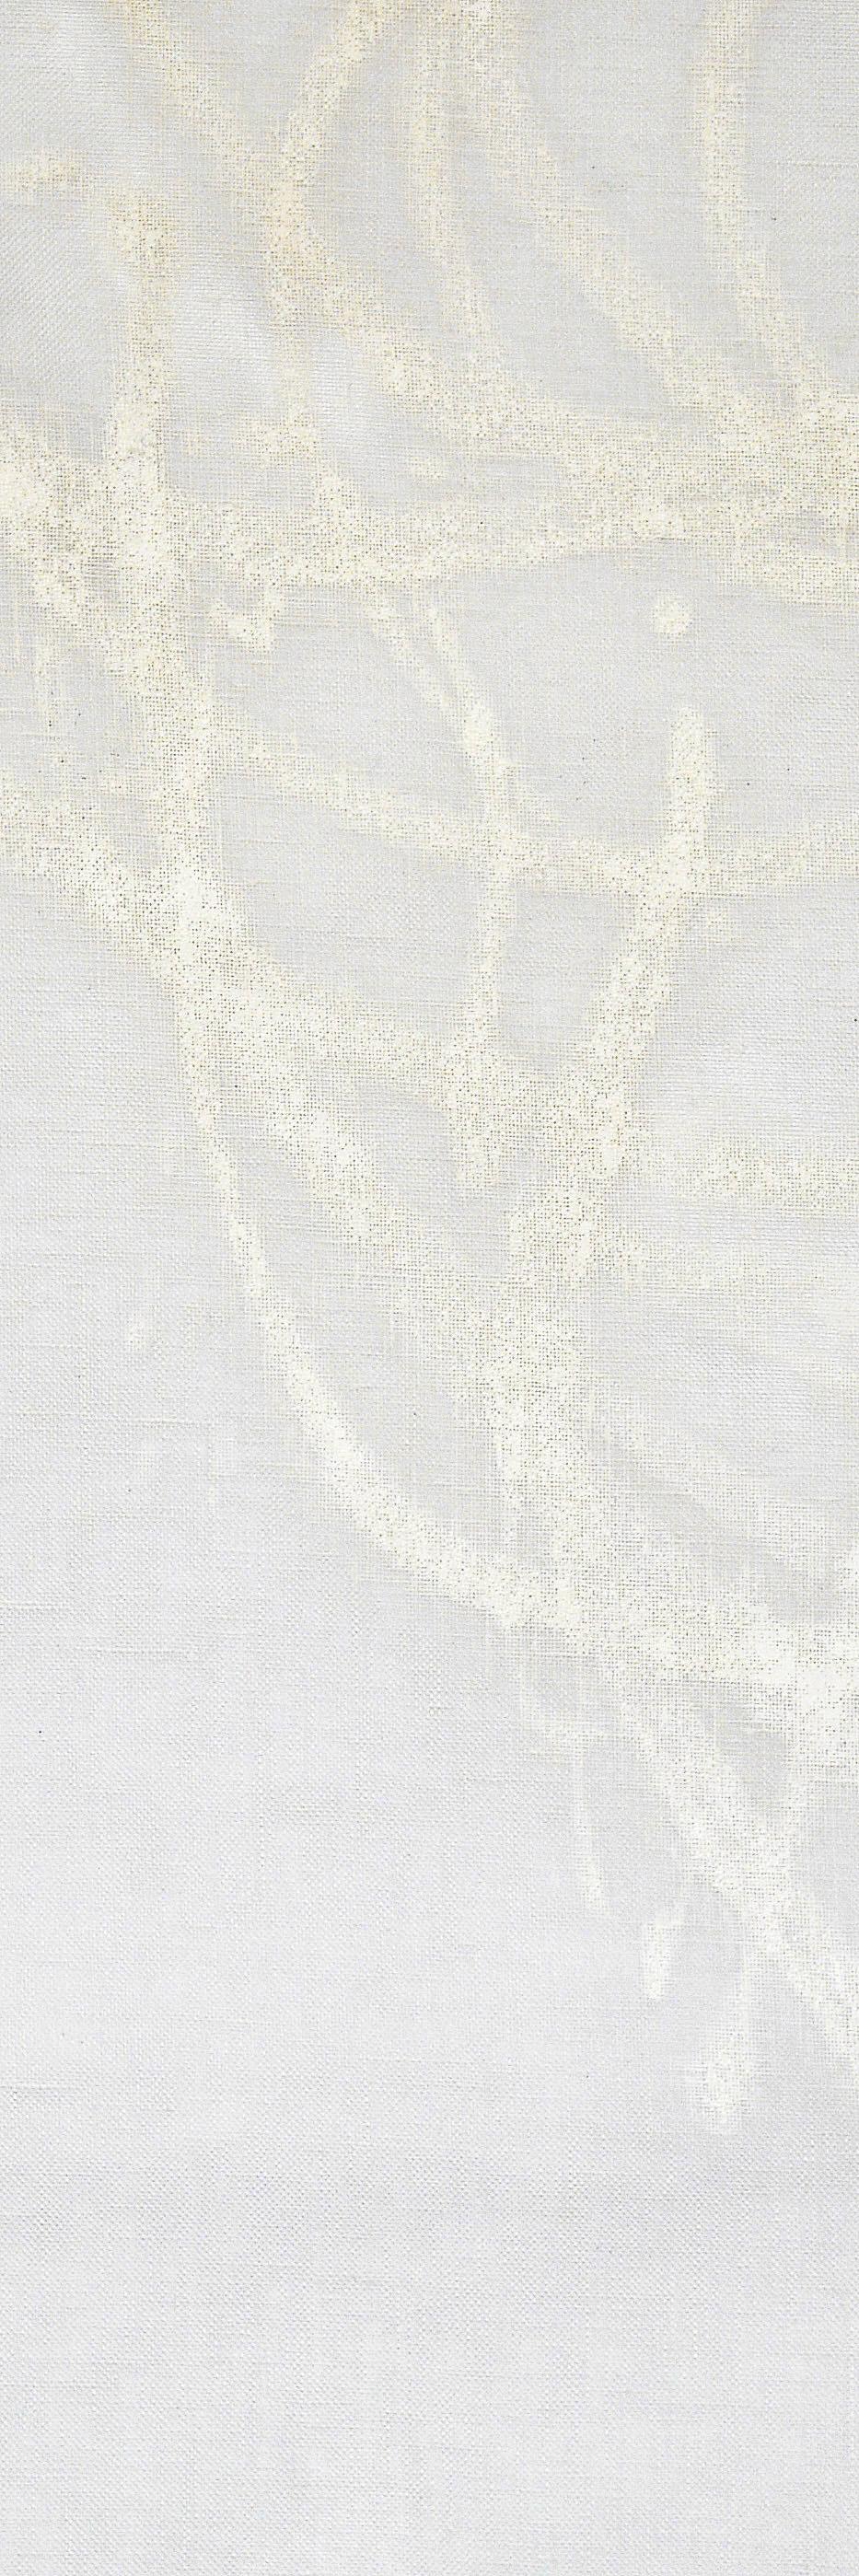 Y125-03 White/White